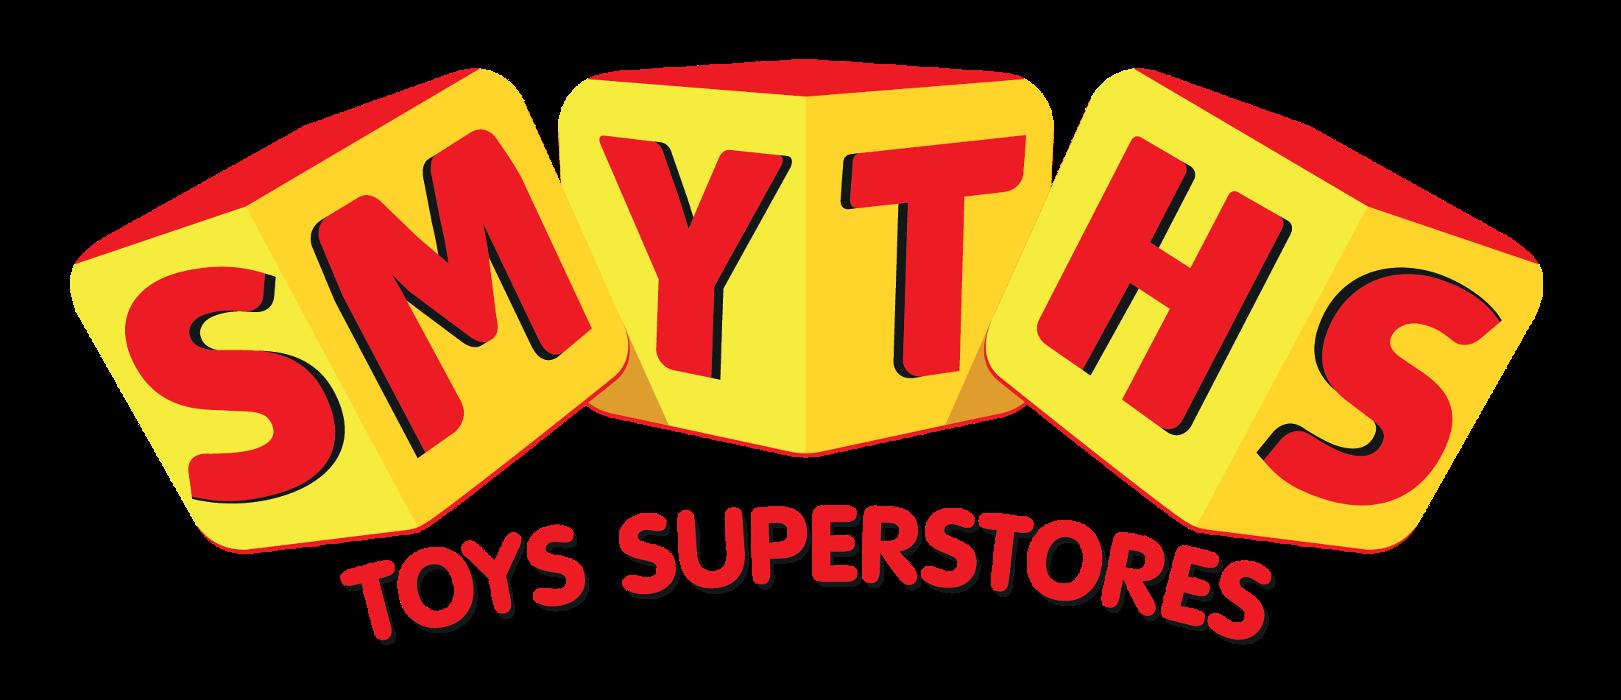 Smyths Toys Superstores in Lübeck